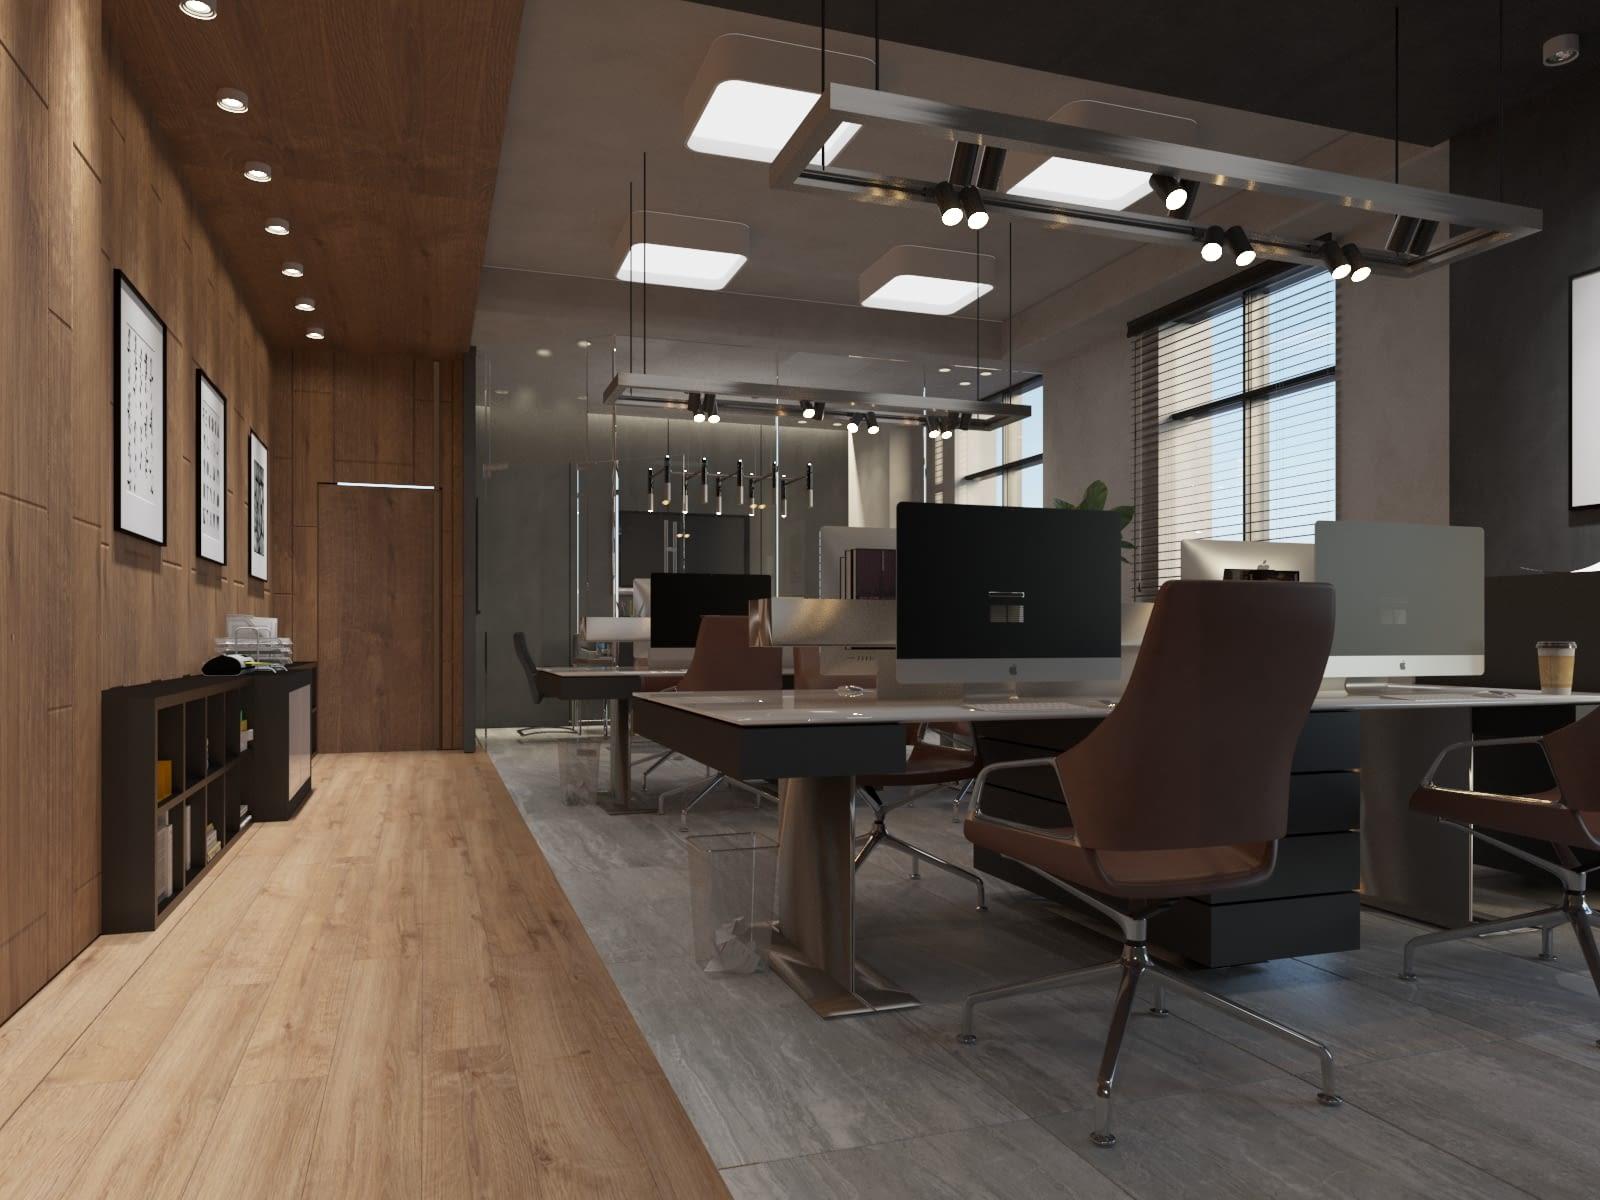 office1_Interactive LightMix